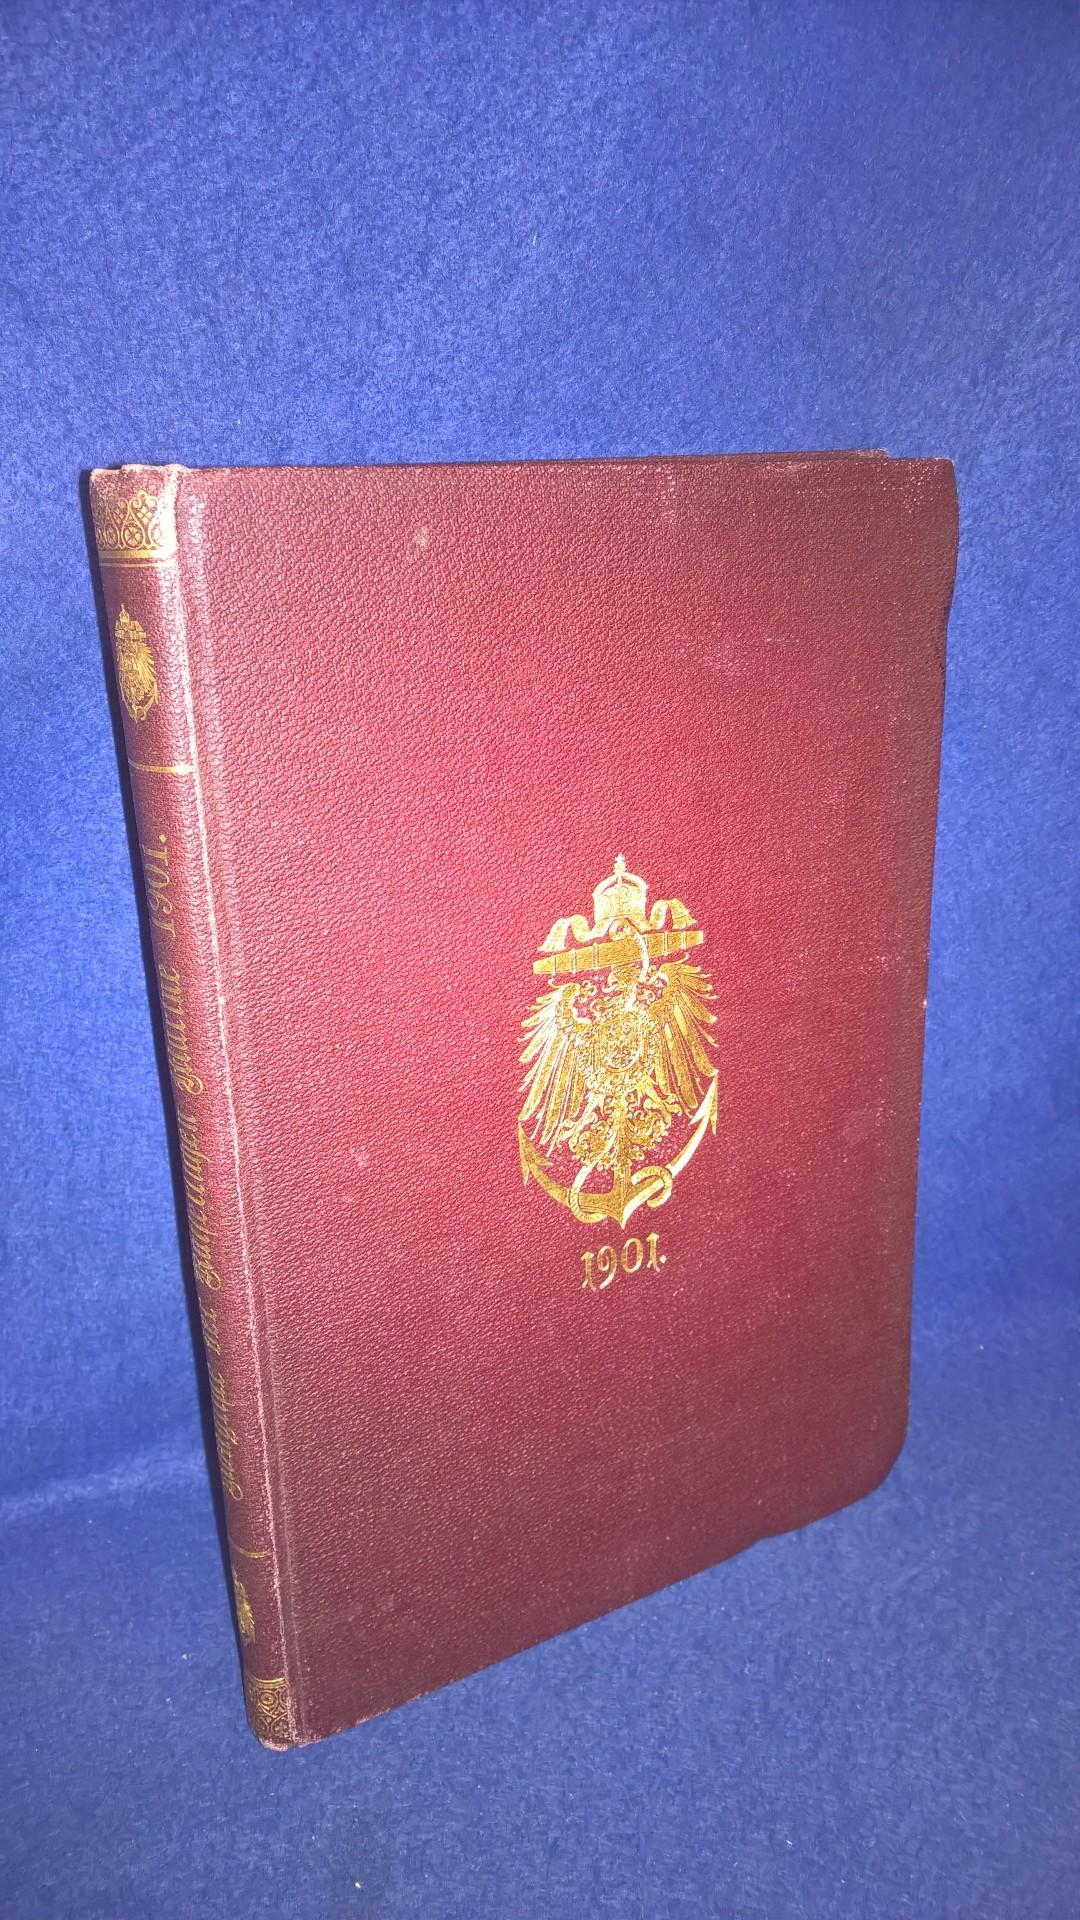 Rang- und Quartierliste der Kaiserlich Deutschen Marine für das Jahr 1901